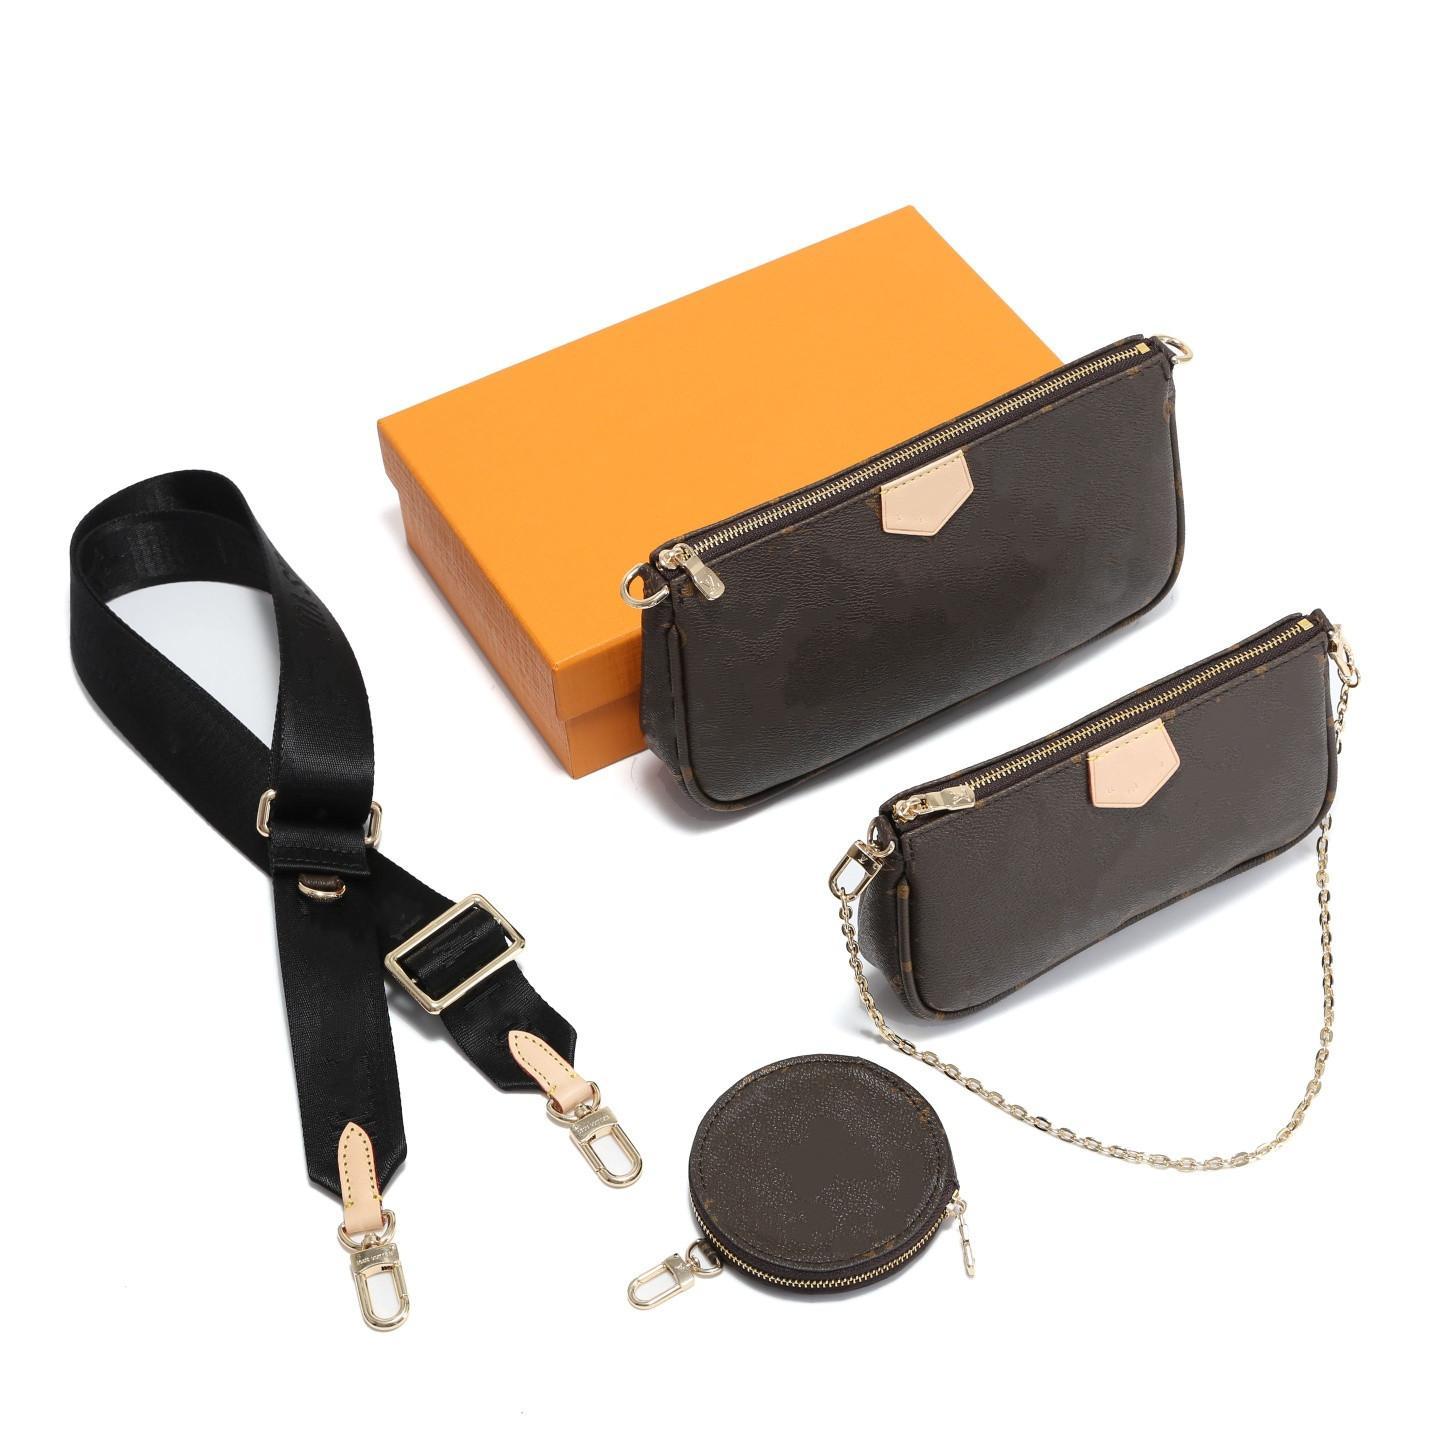 أعلى جودة مصغرة 3 قطعة مجموعة المرأة Luxes مصممون حقائب crossbody محفظة حقيبة الظهر حقائب اليد المحافظ بطاقة حامل حقيبة الكتف